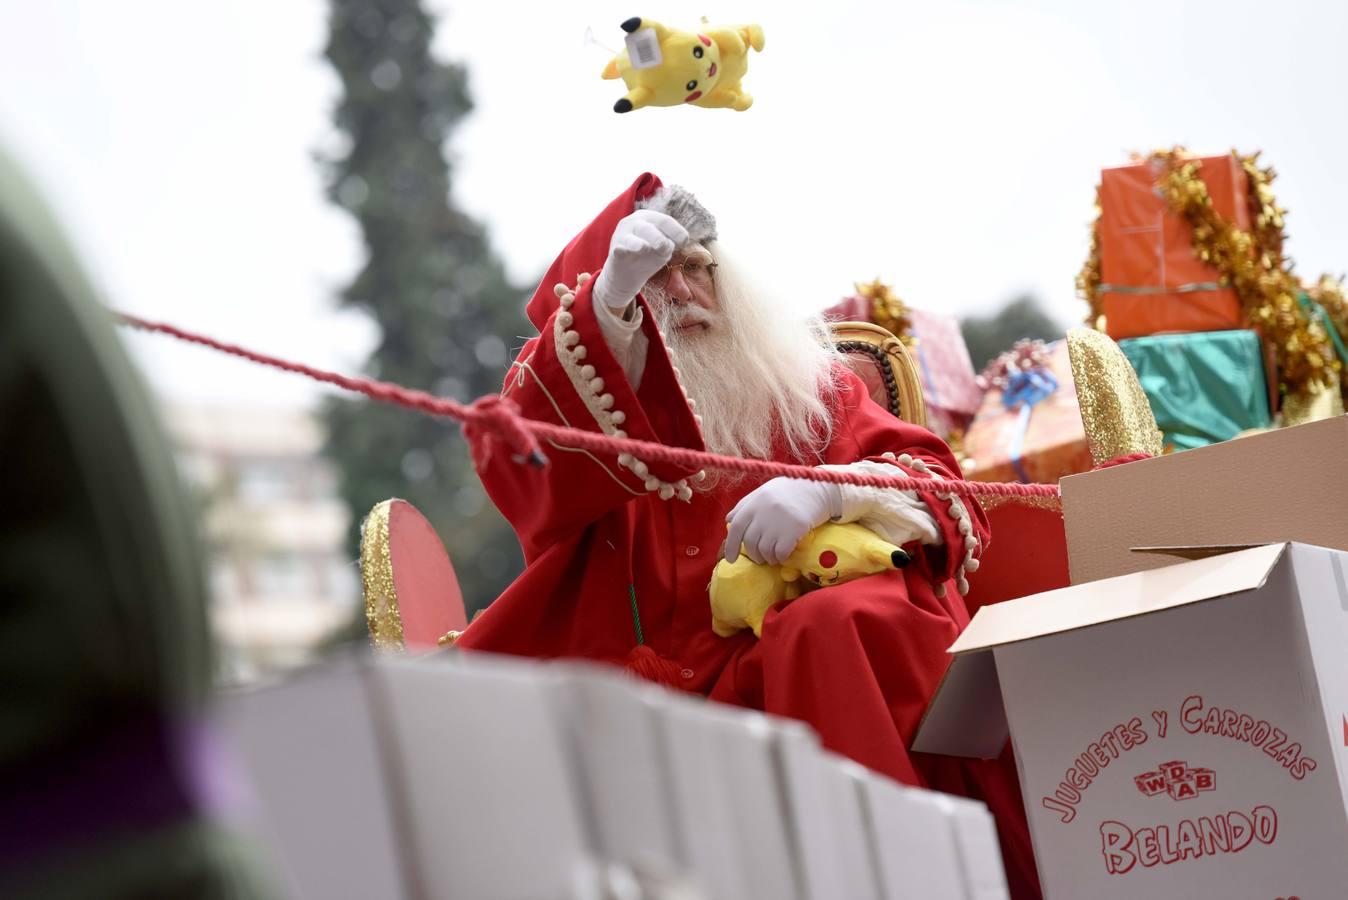 Papa Noel reparte 3.000 juguetes en su paseo en carroza por Murcia